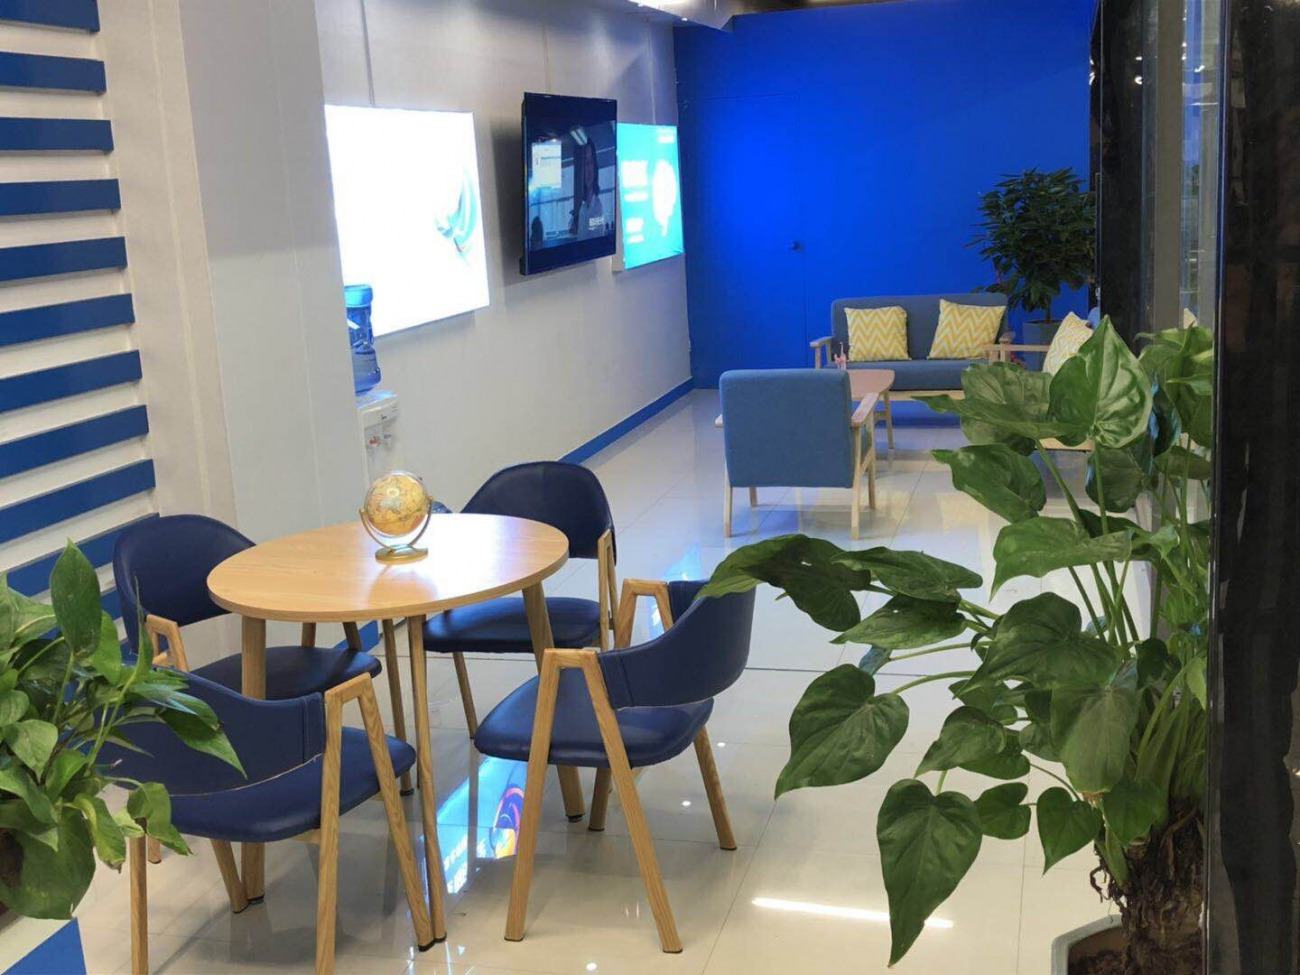 义乌管家婆软件销售服务中心